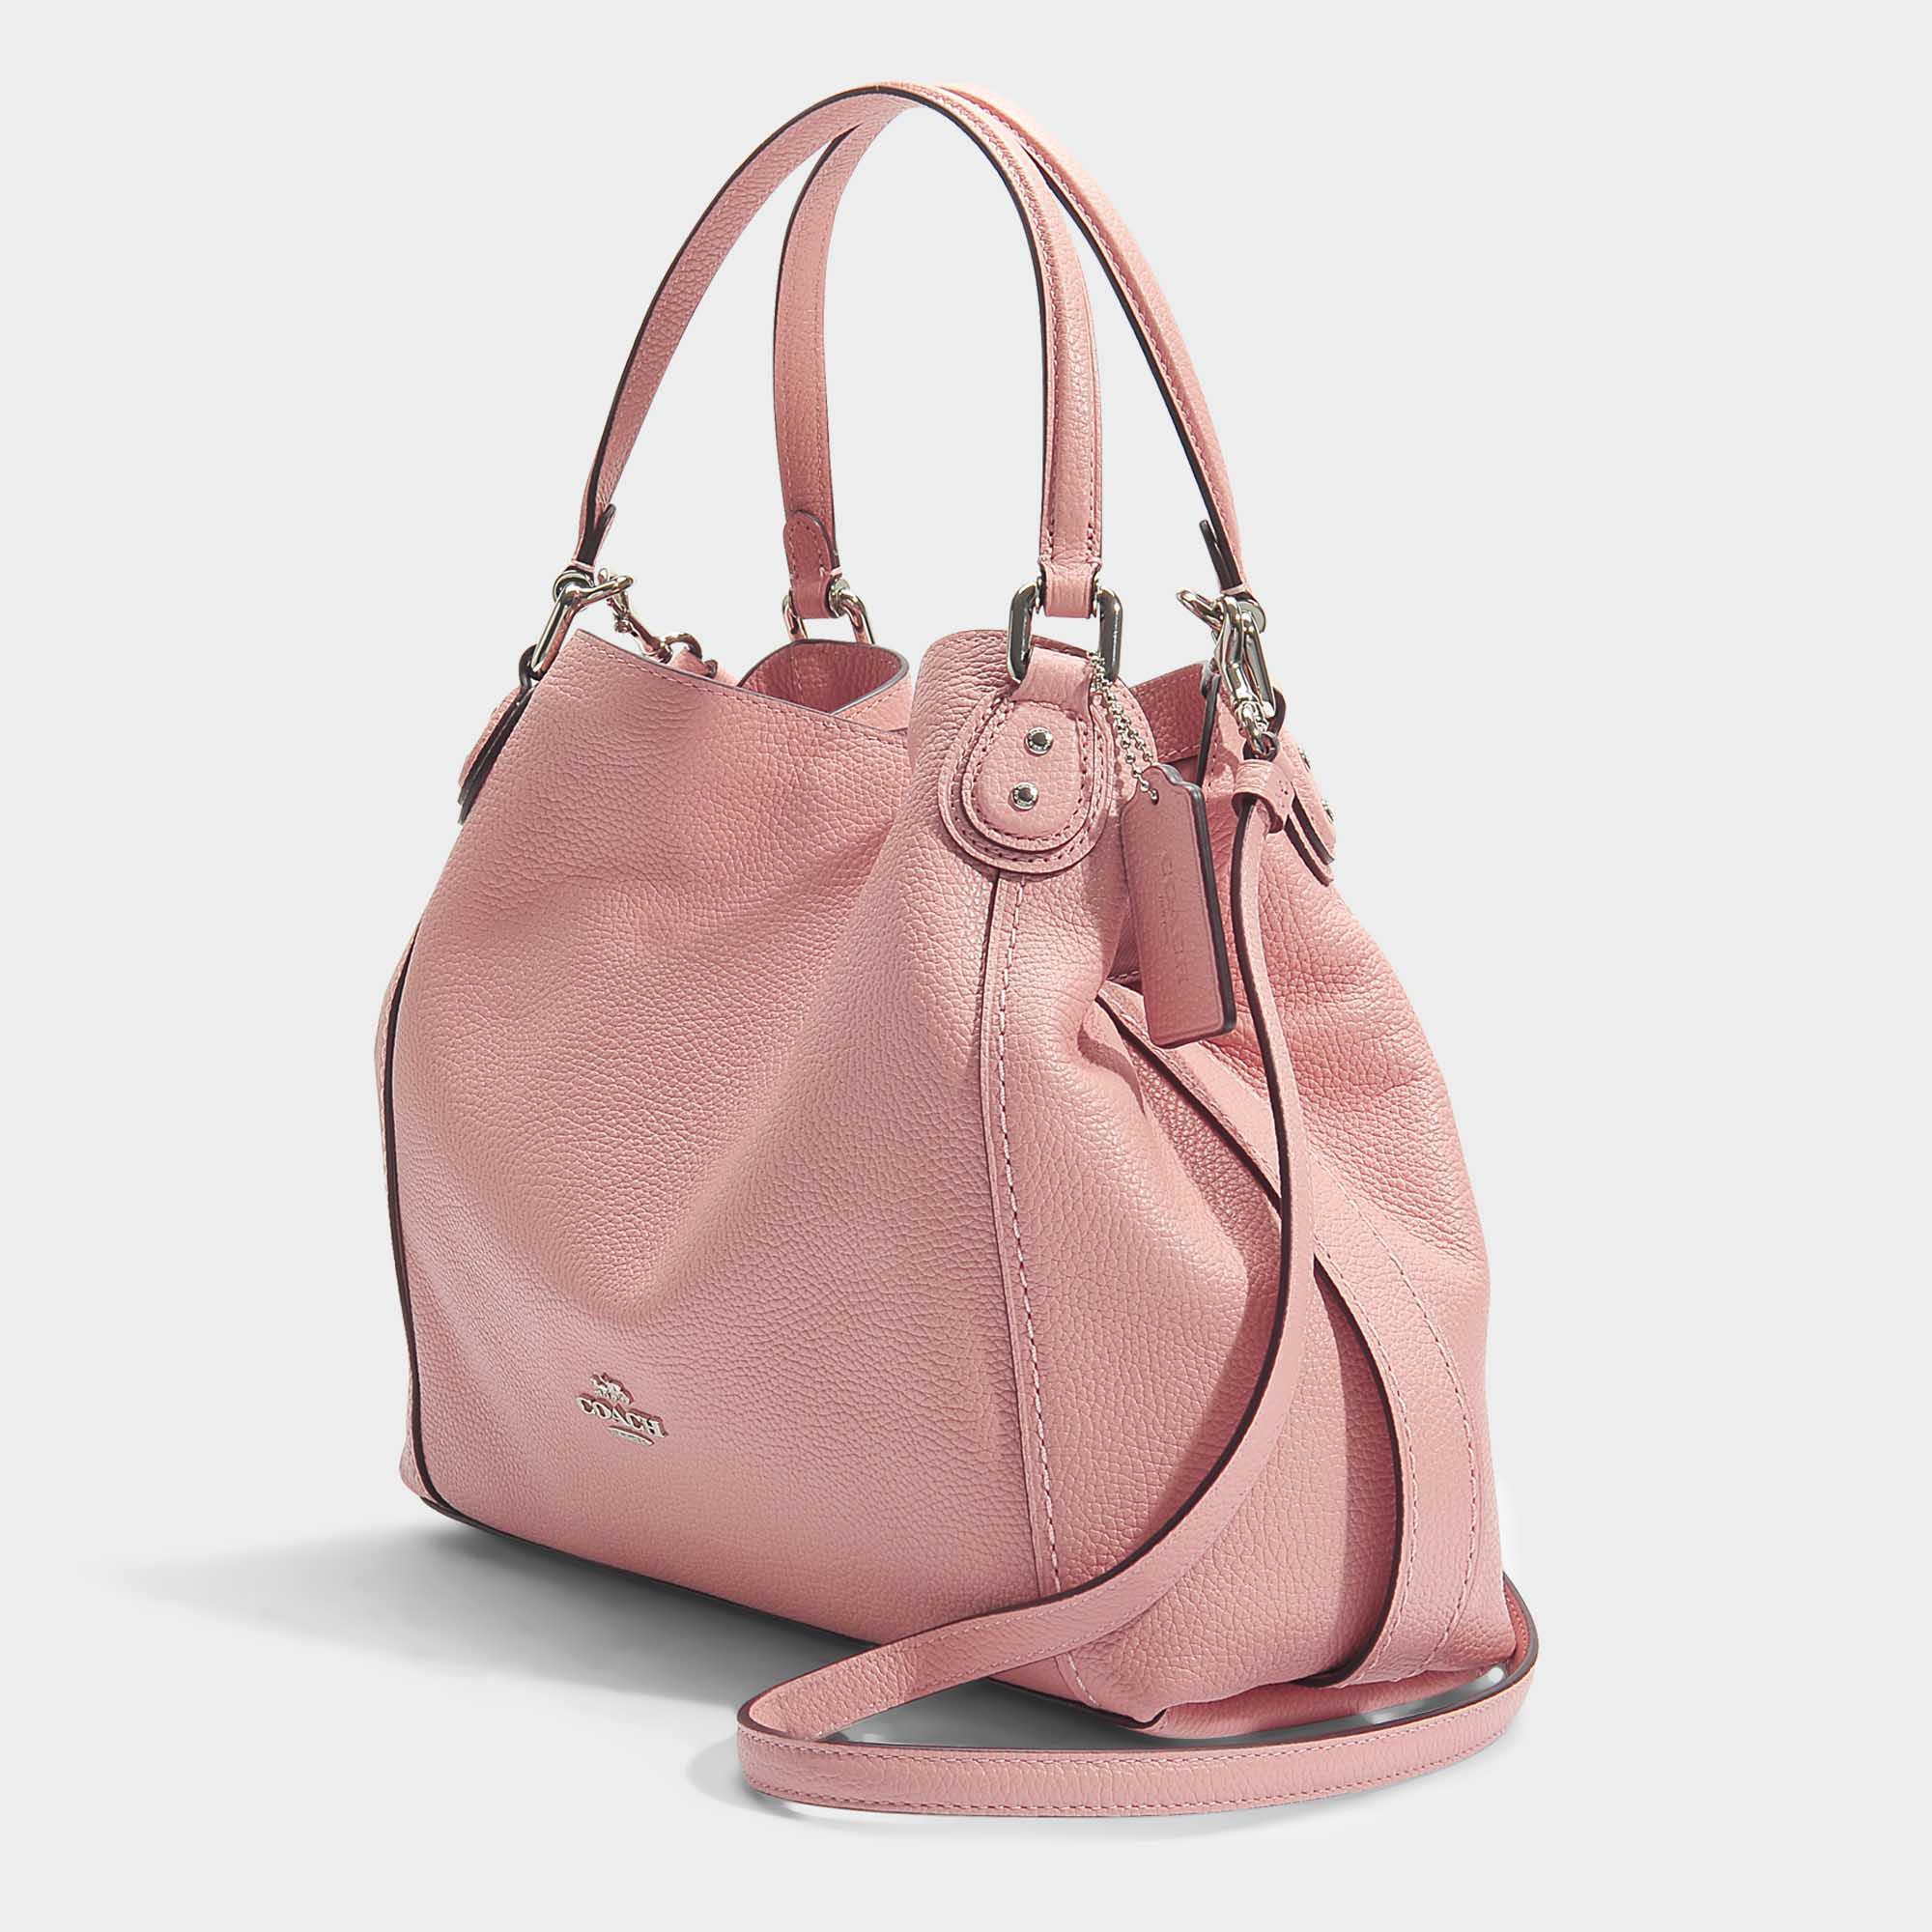 COACH Edie 28 Shoulder Bag In Peony Calfskin in Pink - Lyst